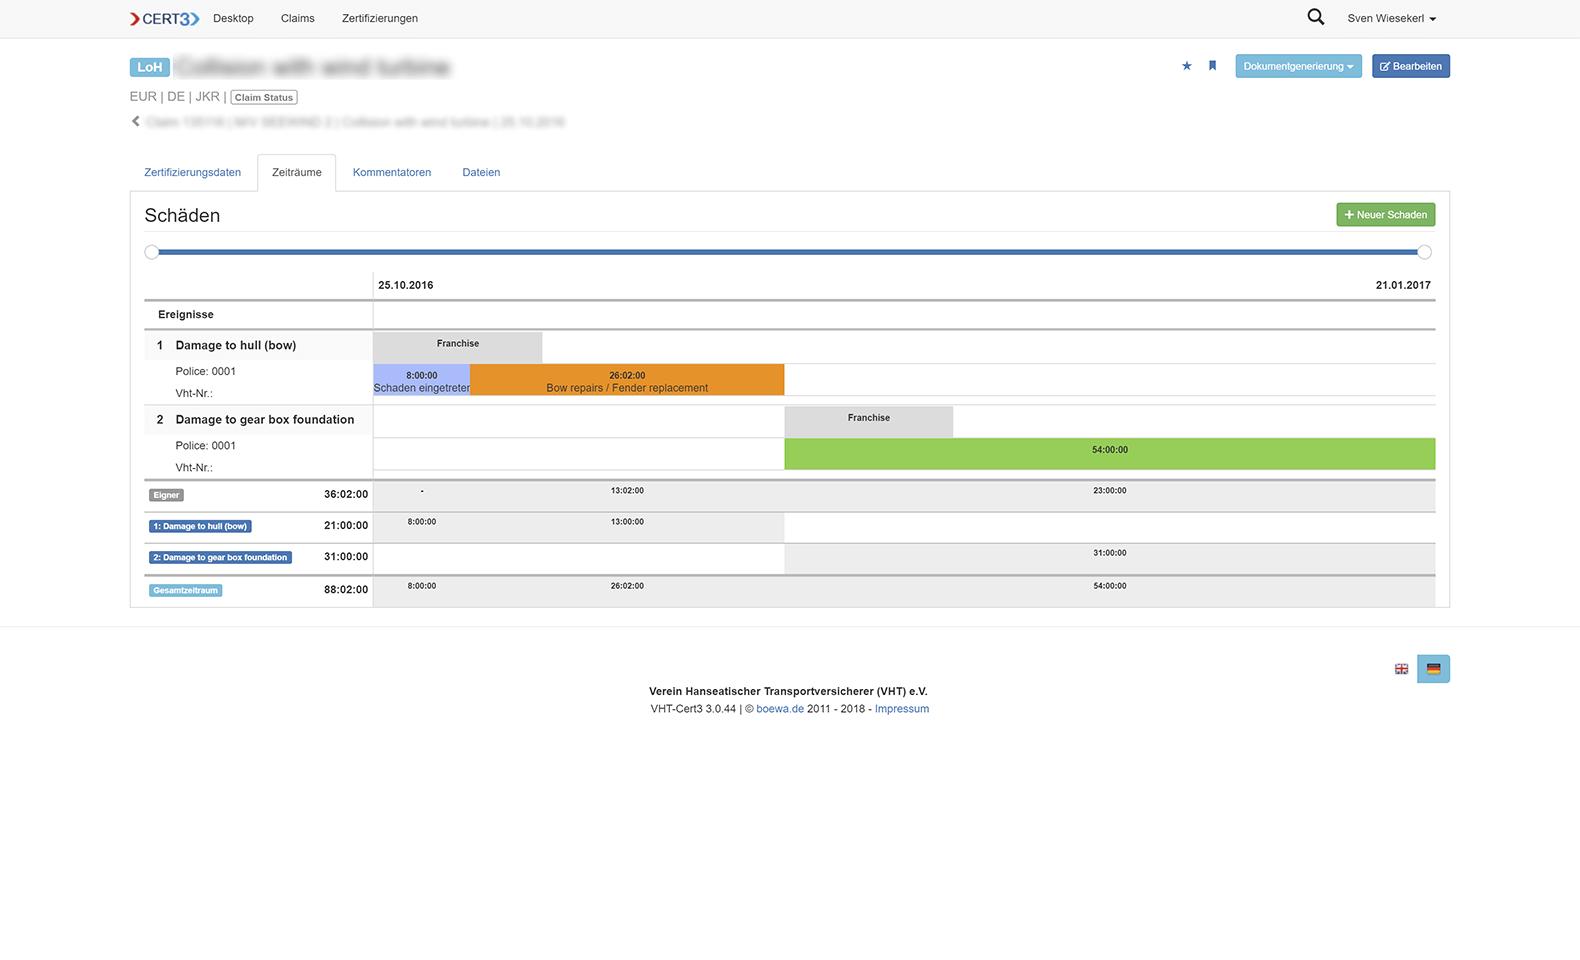 VHT - Online Zertifizierung - Verwaltung von LOH-Claims mit grafischer Darstellung der Zeiträume